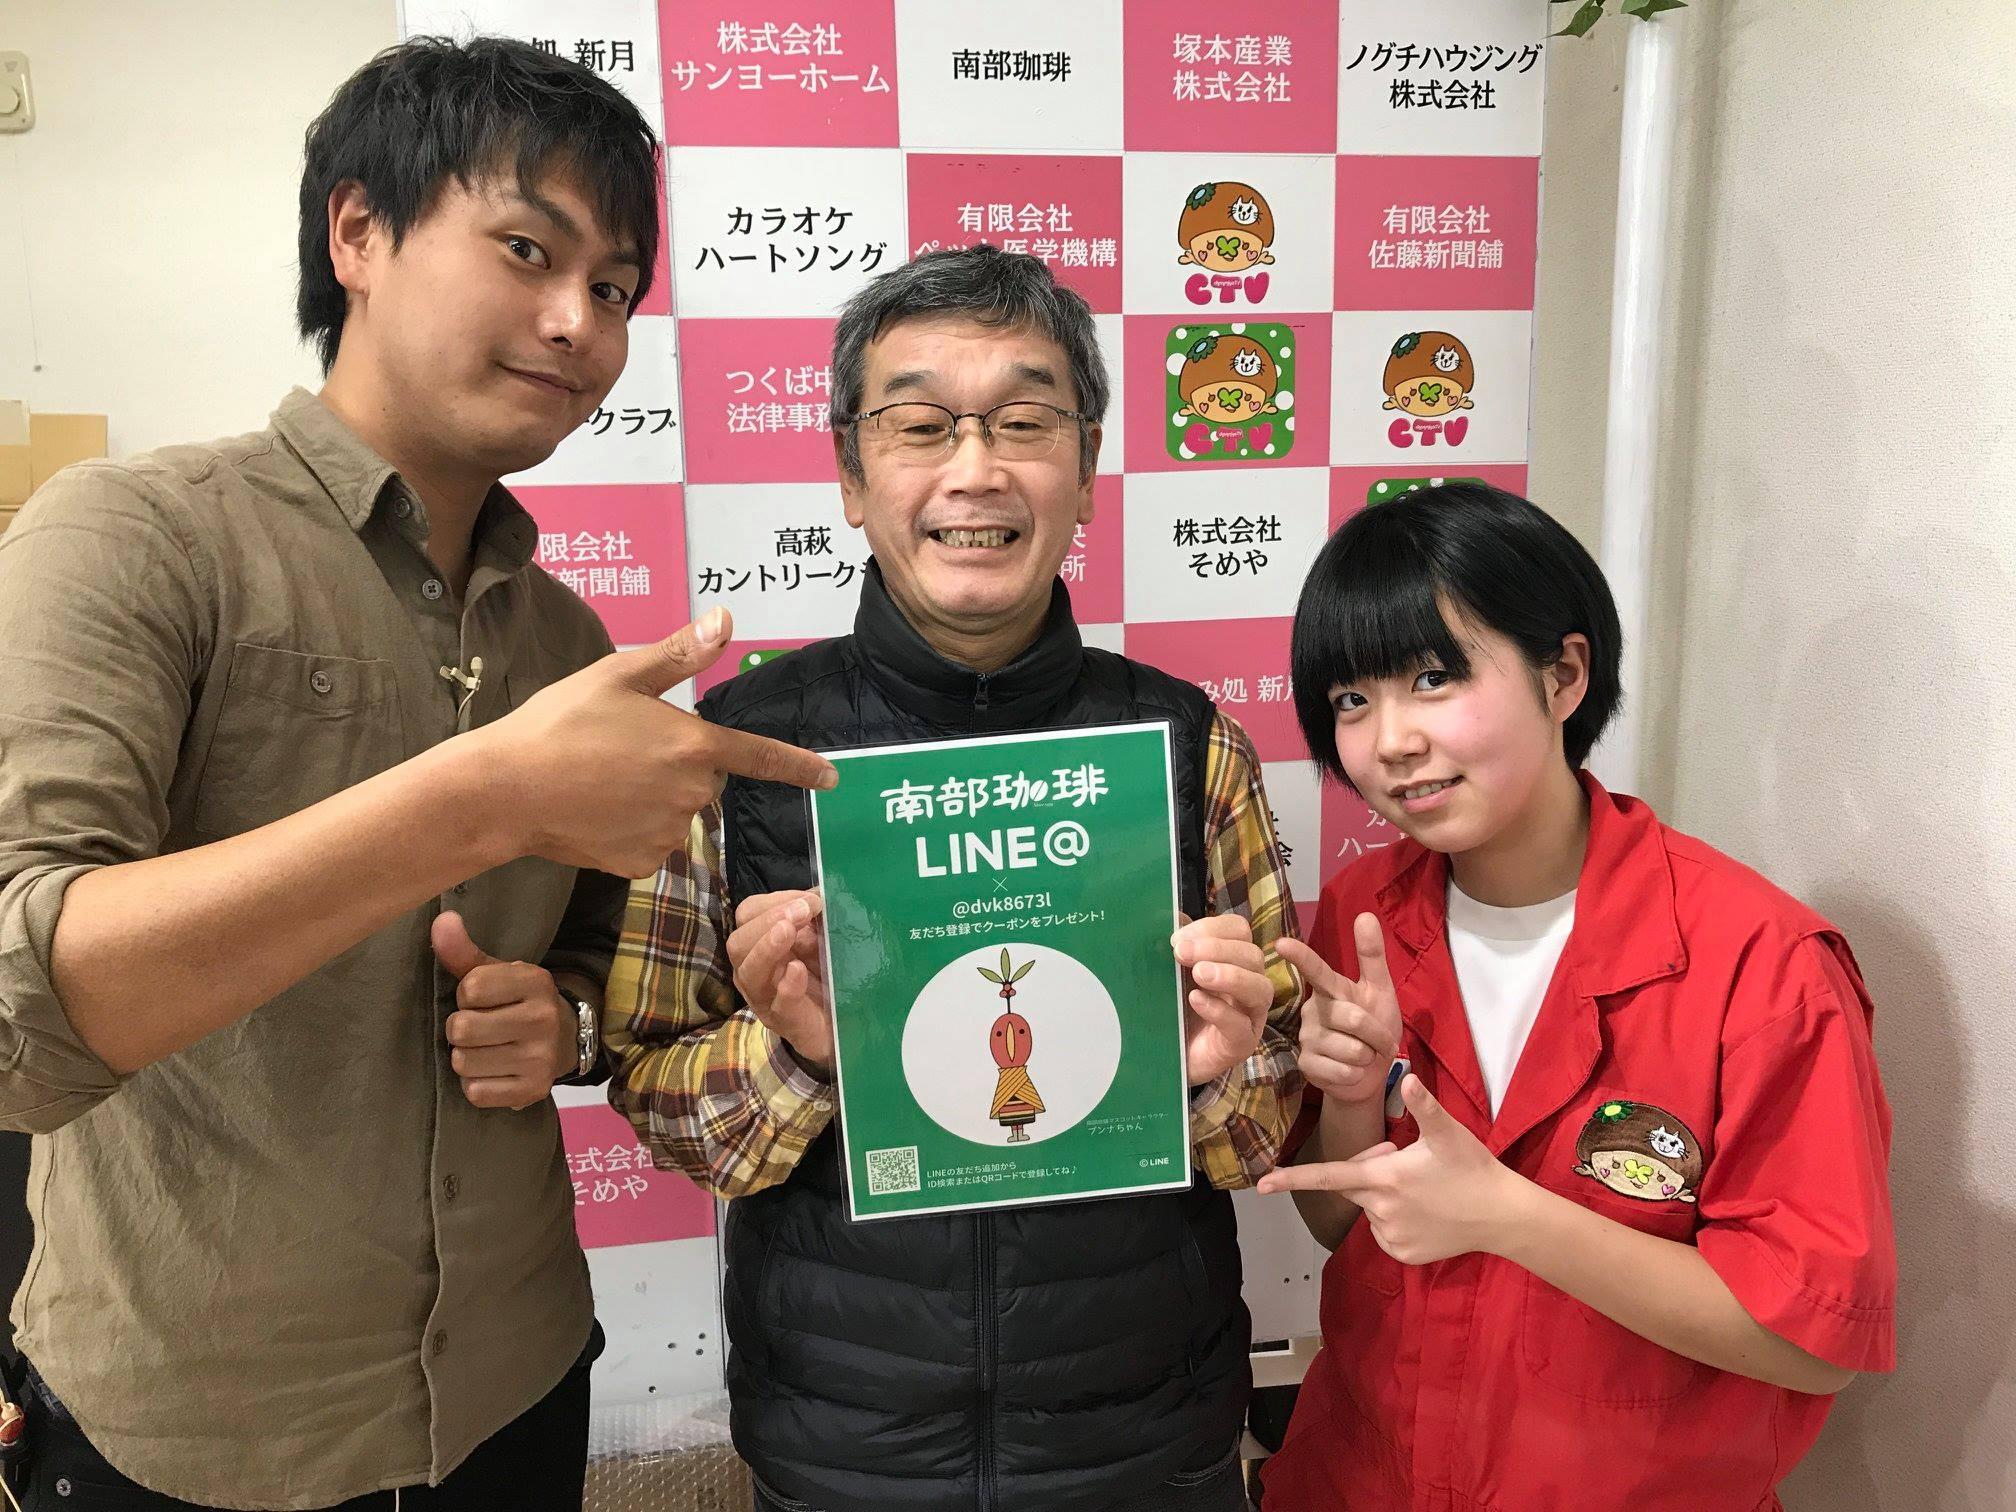 [2018/2/19]♡夕暮れモーモー #211 月一南部珈琲の南ちゃん!